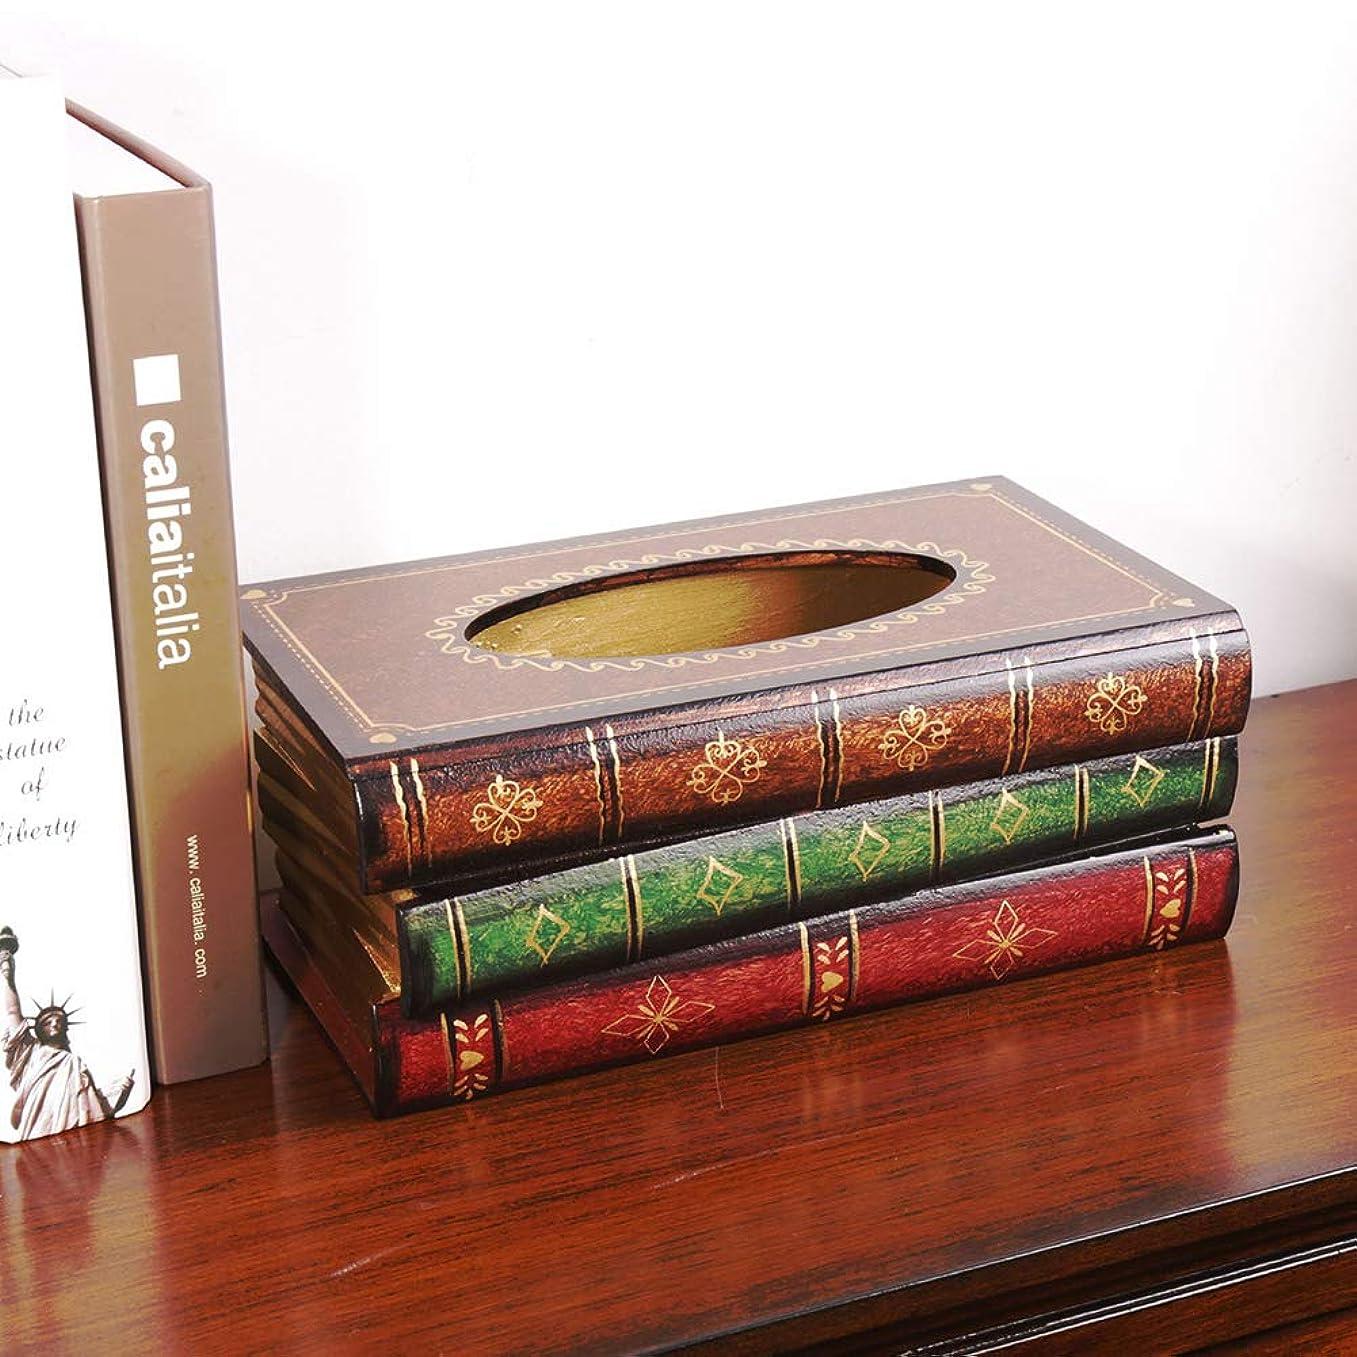 後不十分宇宙のACHICOO ティッシュボックス レトロなスタイル 本の形 木製 卓上の装飾 オシャレ 居家 雰囲気 A20-BookティッシュボックスA